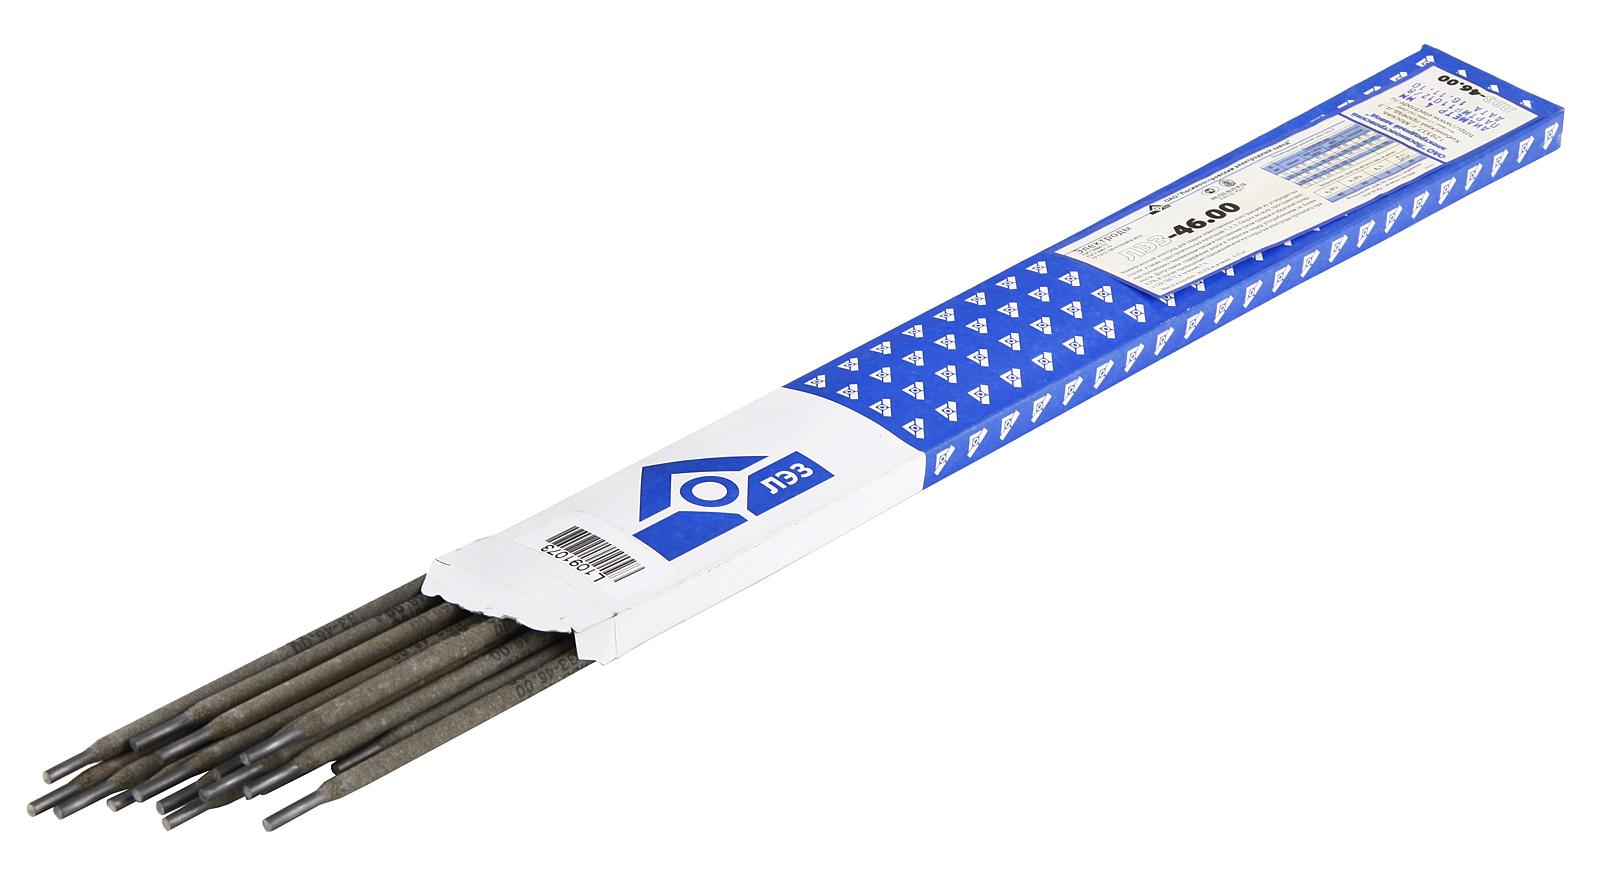 Электроды для сварки ЛОСИНООСТРОВСКИЙ ЭЗ 46.00 4.0мм 1кг электроды ано 21 ф2 лэз 1кг